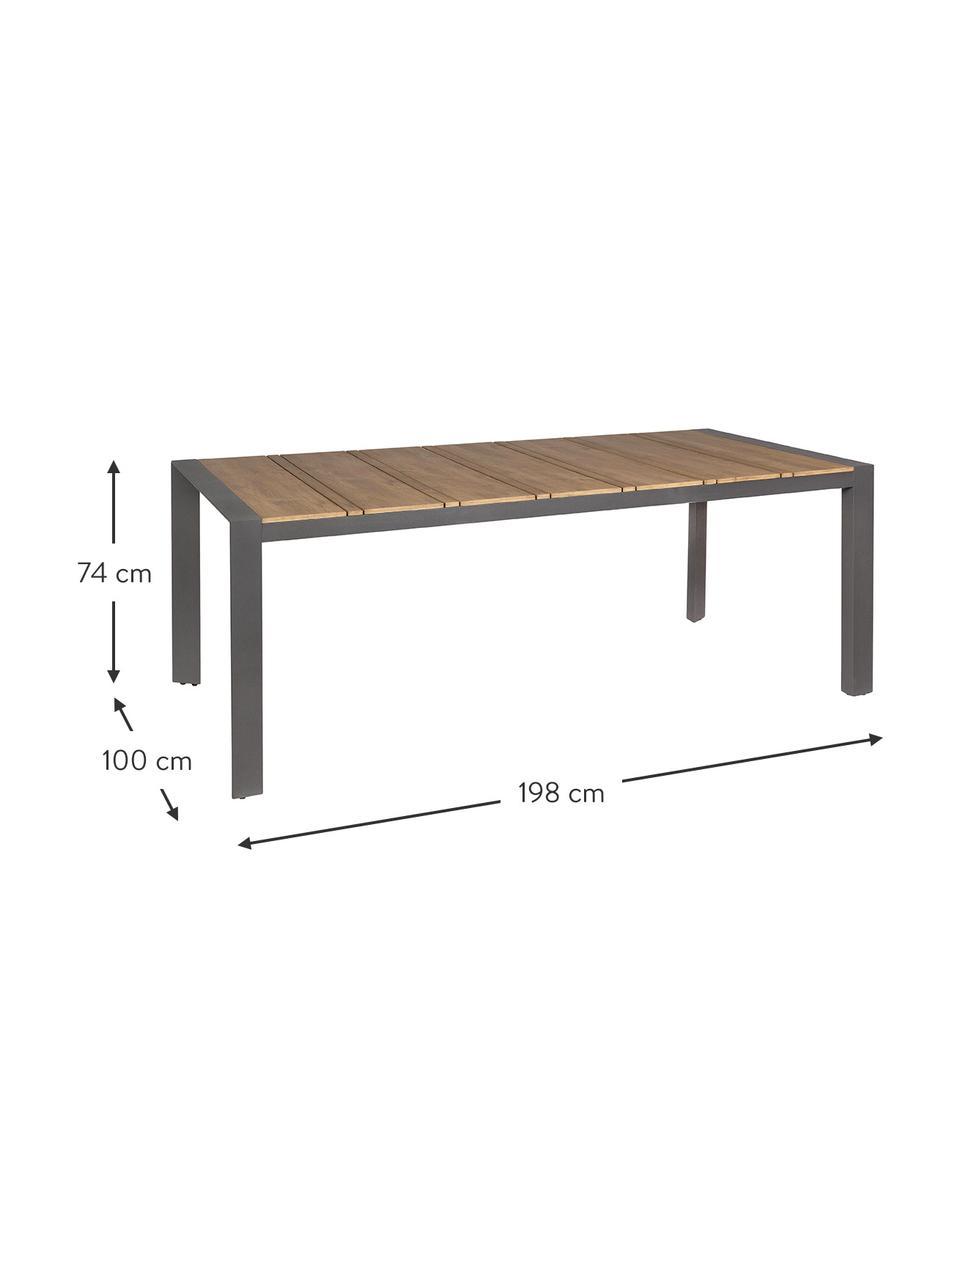 Garten-Esstisch Elias, Tischplatte: Sperrholz, beschichtet, Beine: Aluminium, pulverbeschich, Anthrazit, Braun, B 198 x T 100 cm